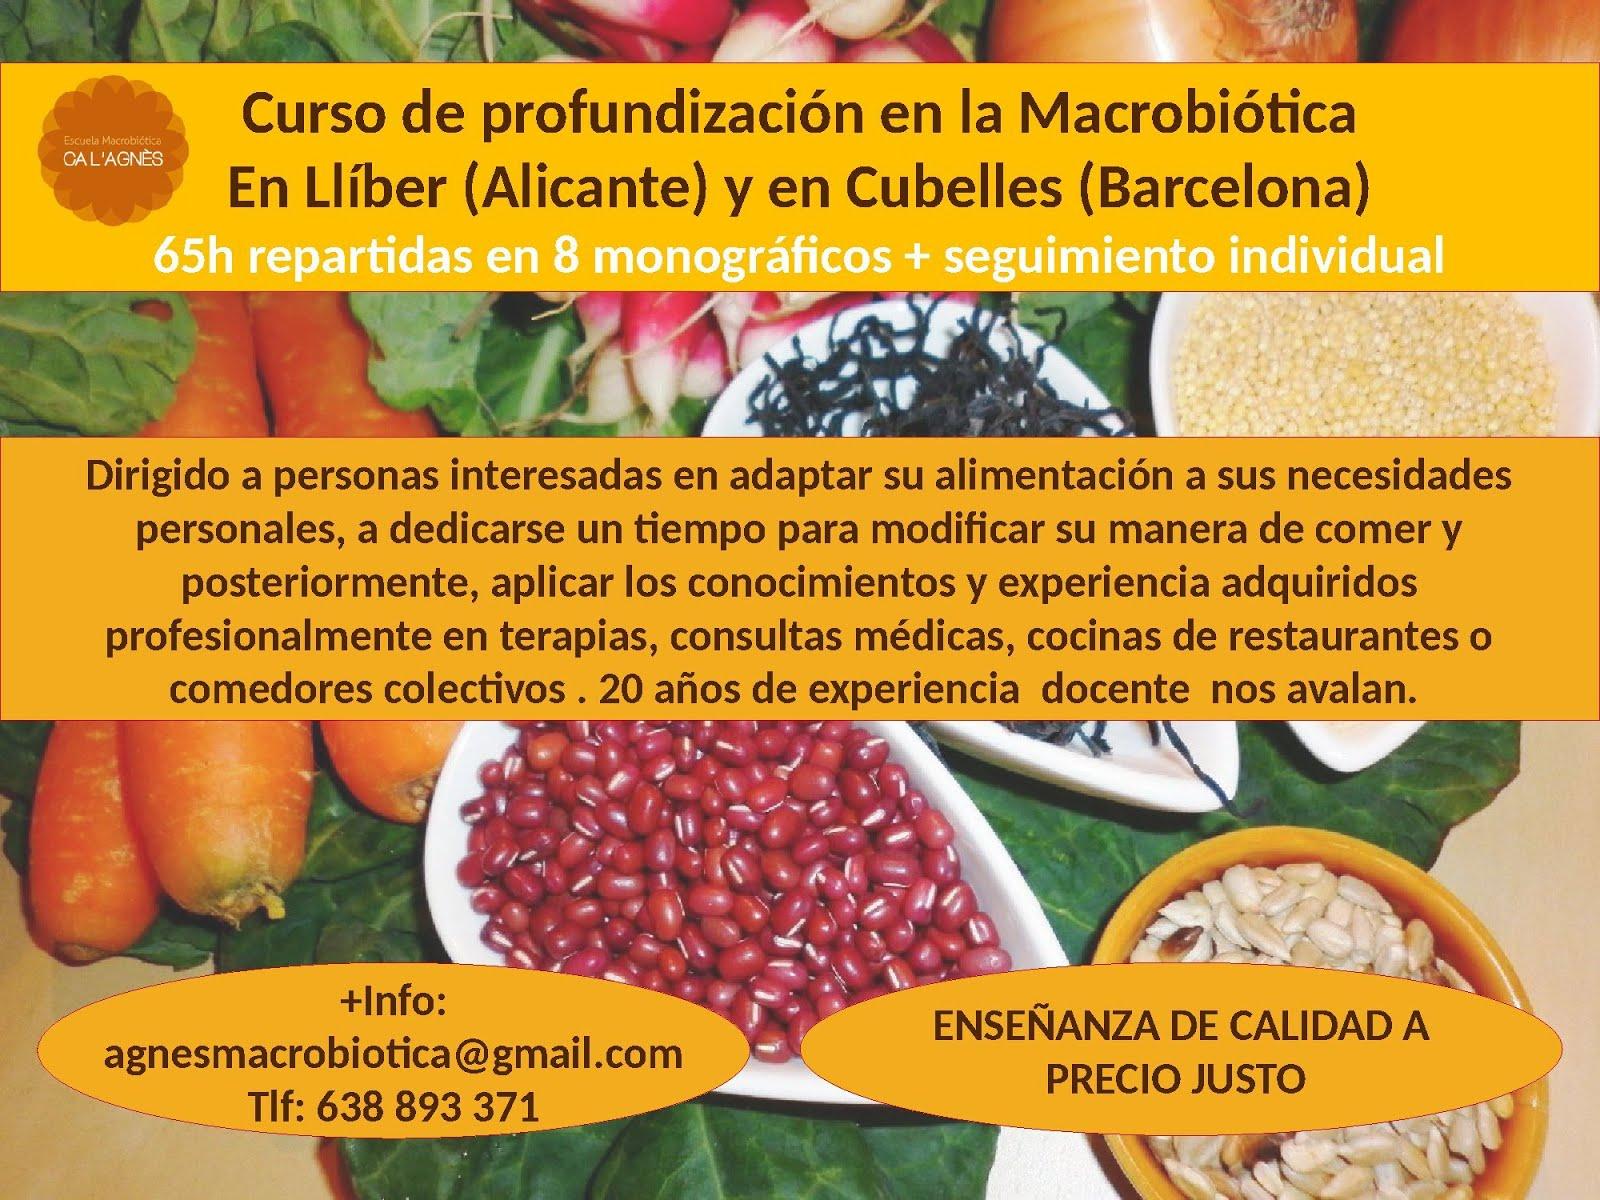 CURSO DE PROFUNDIZACIÓN EN LA MACROBIÓTICA 2017 - 2018 en LLíber (Alicante) y en Cubelles (Barcelon